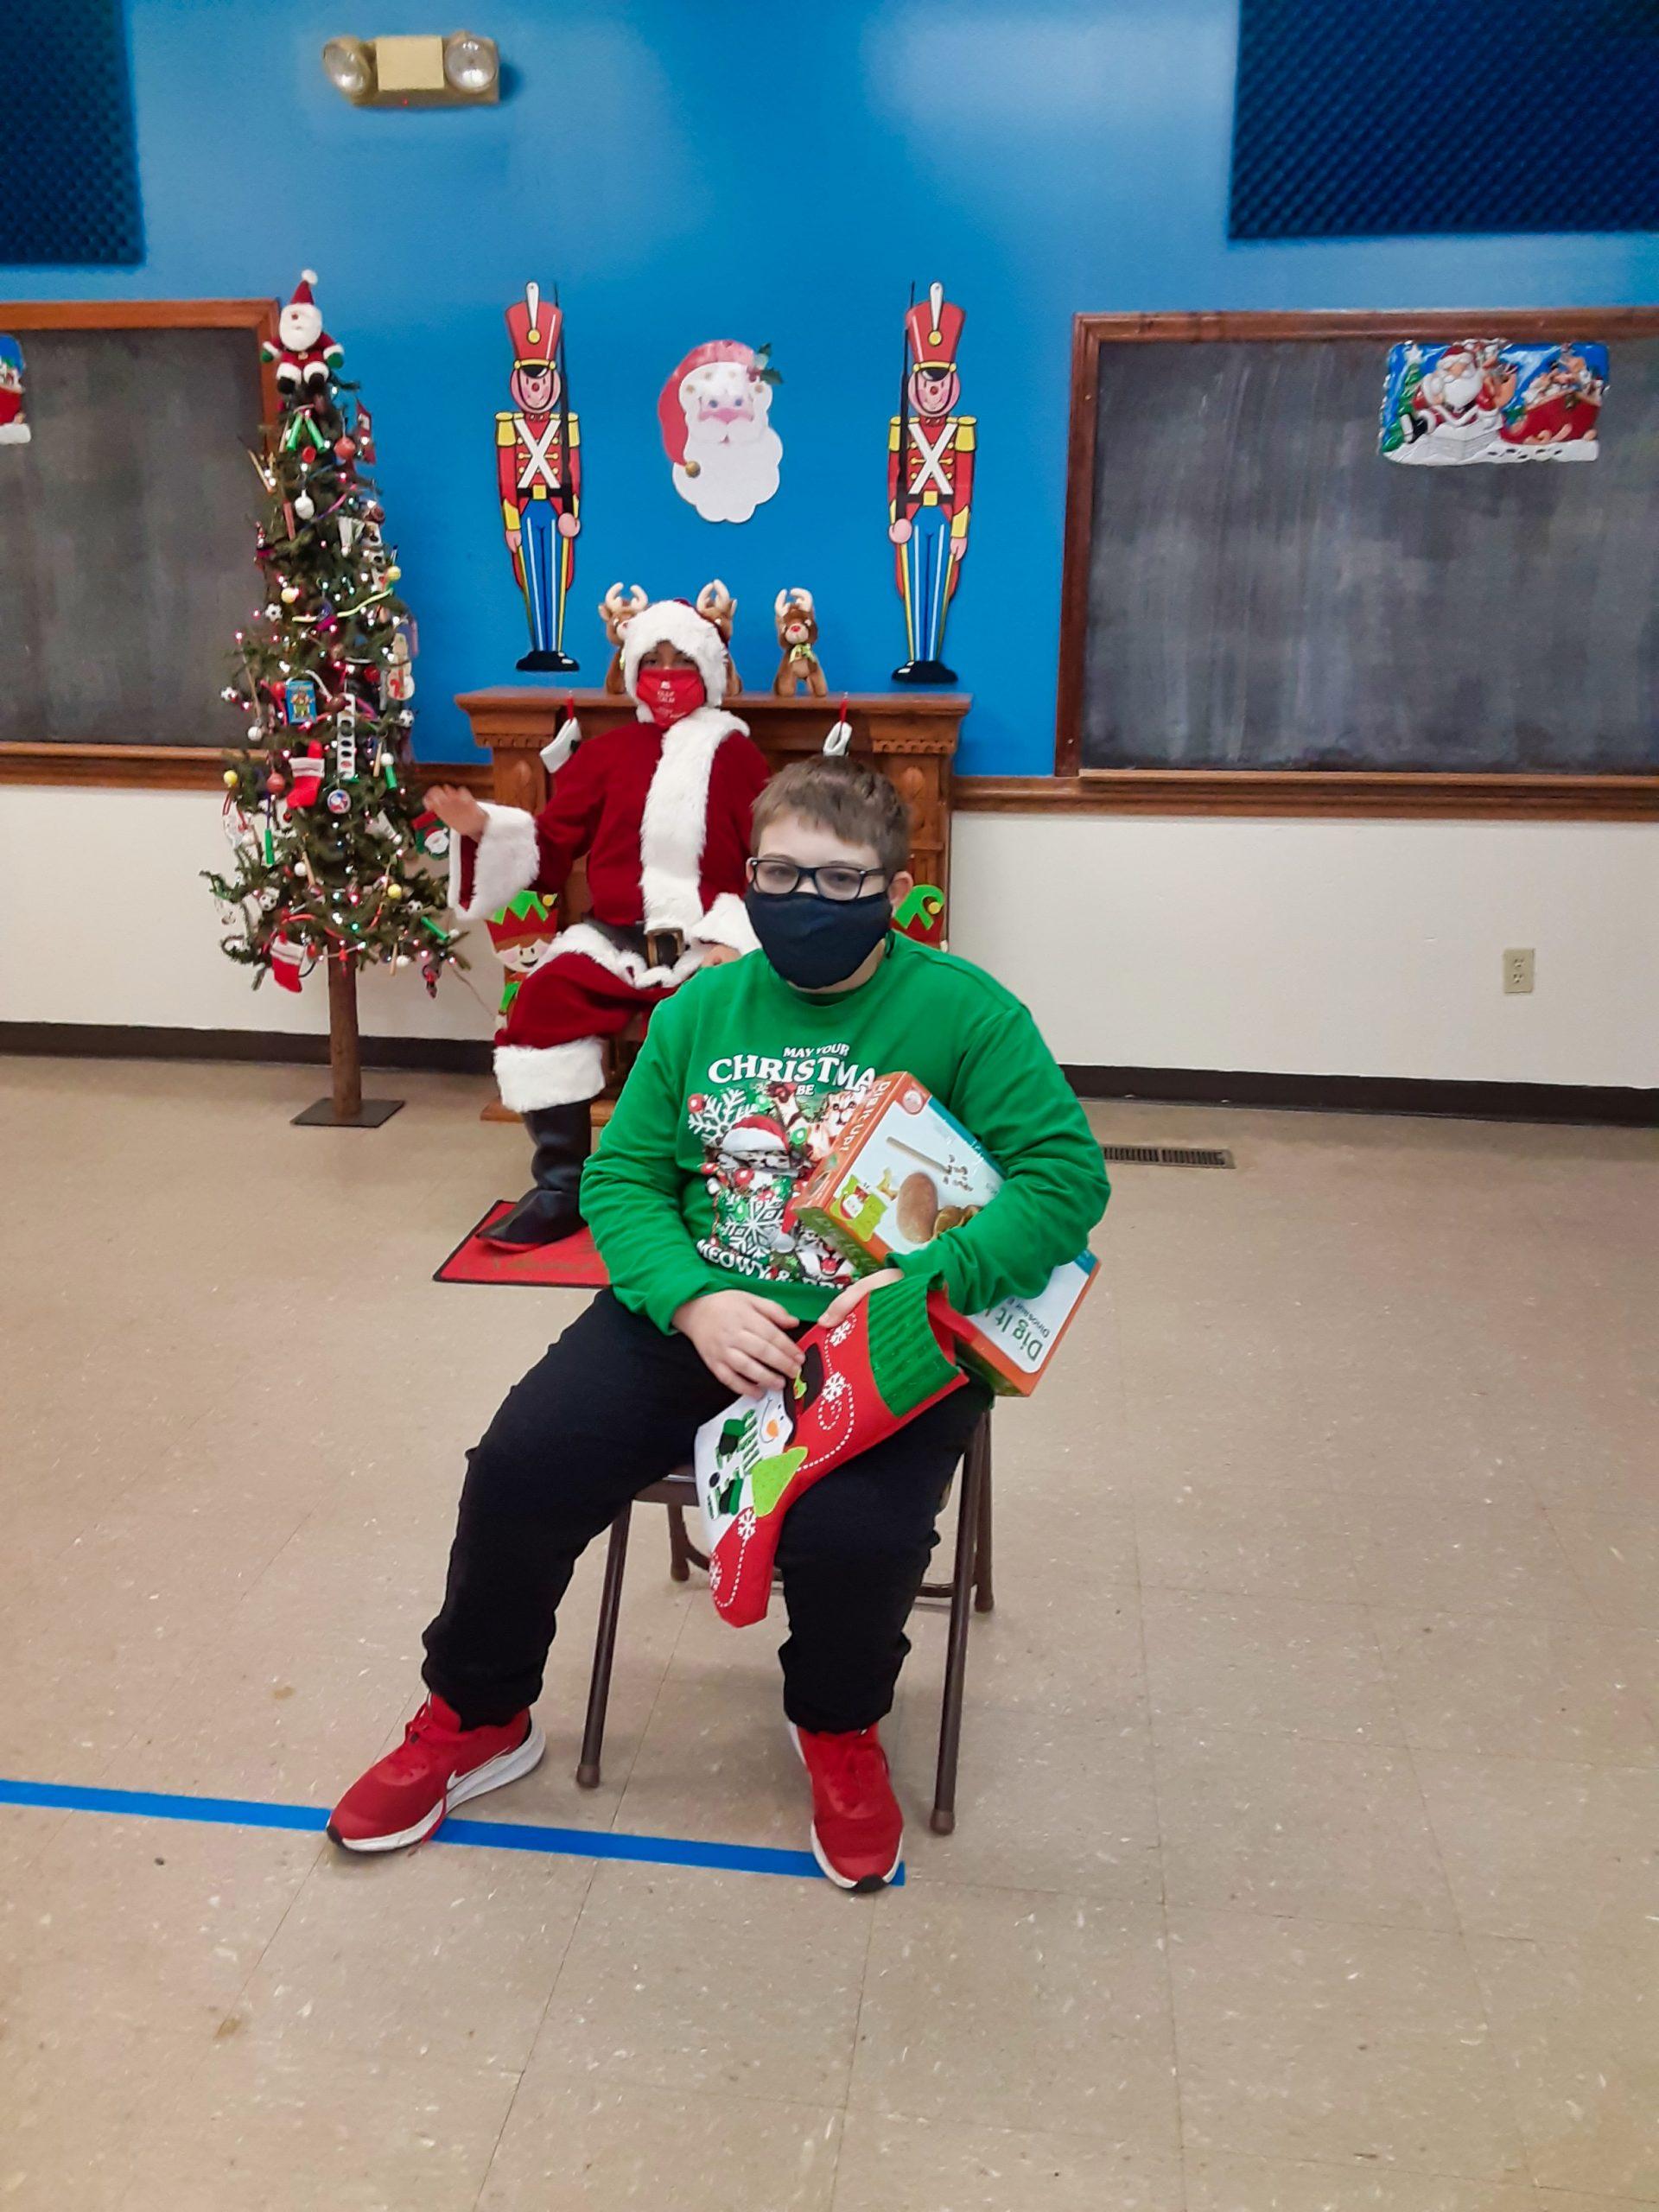 Santa's workshop brings joy